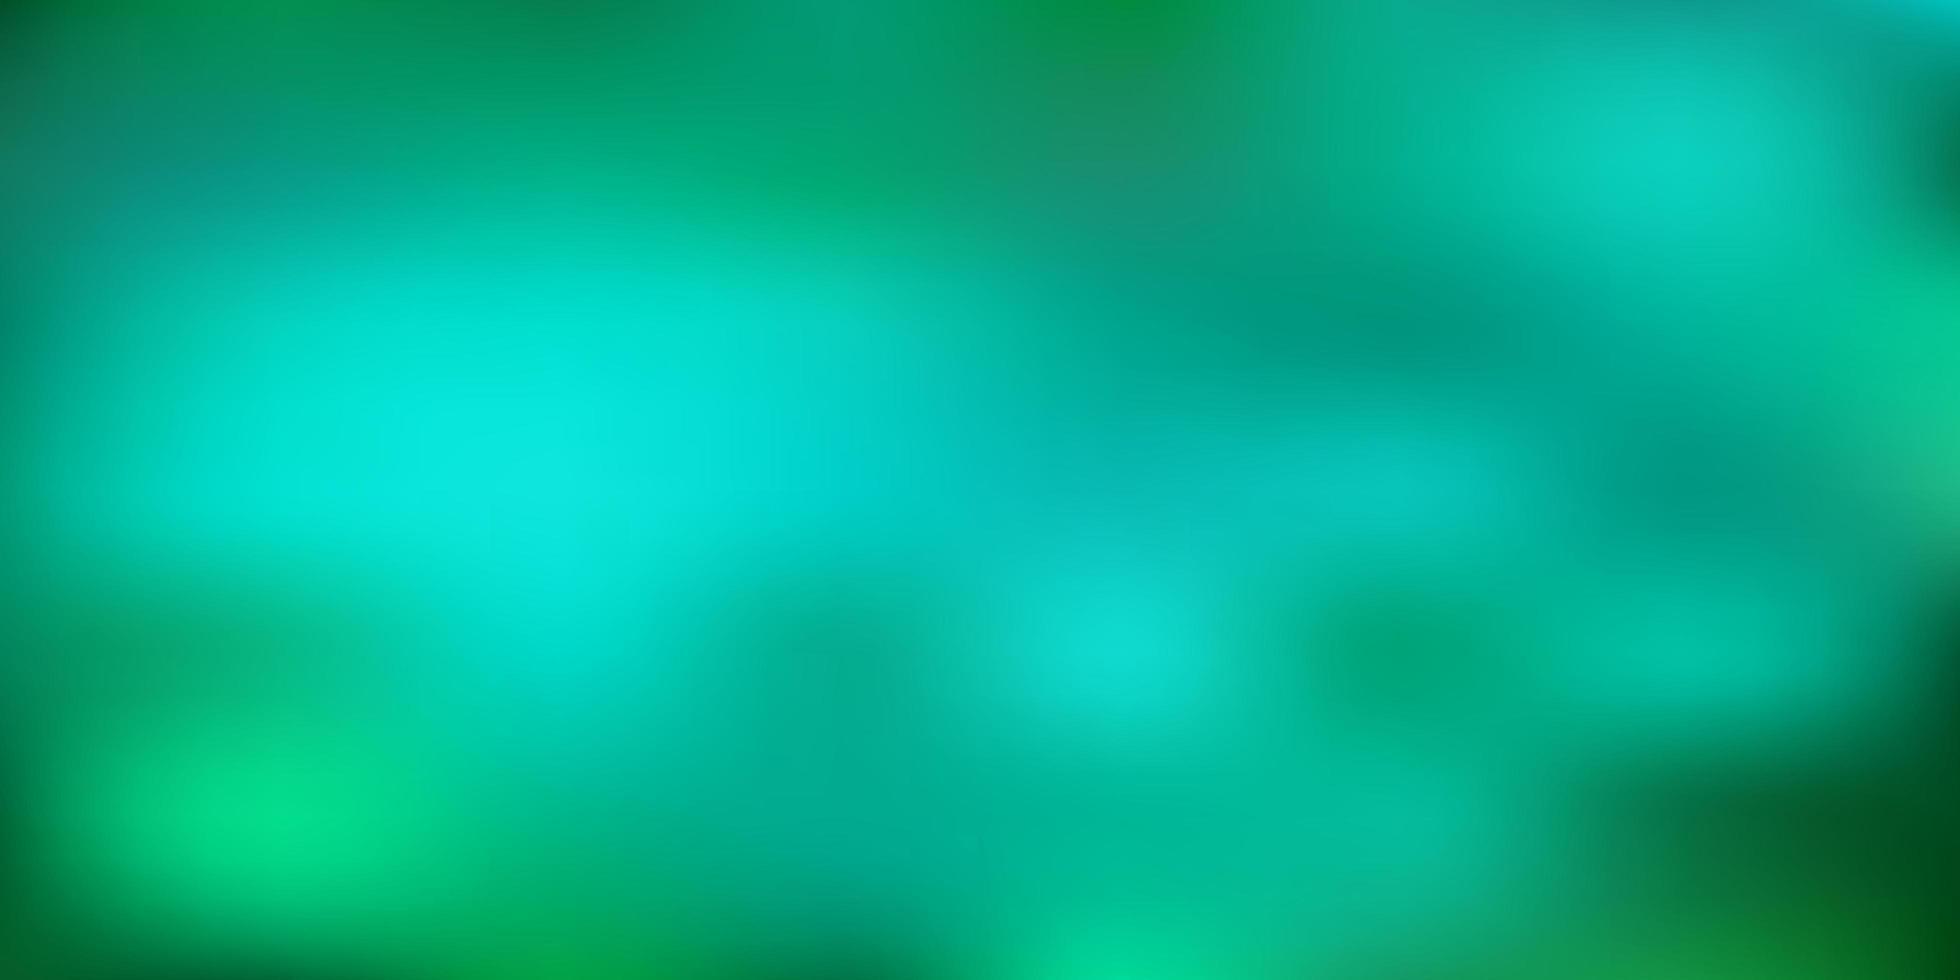 luz verde vetor abstrato desfocar desenho.